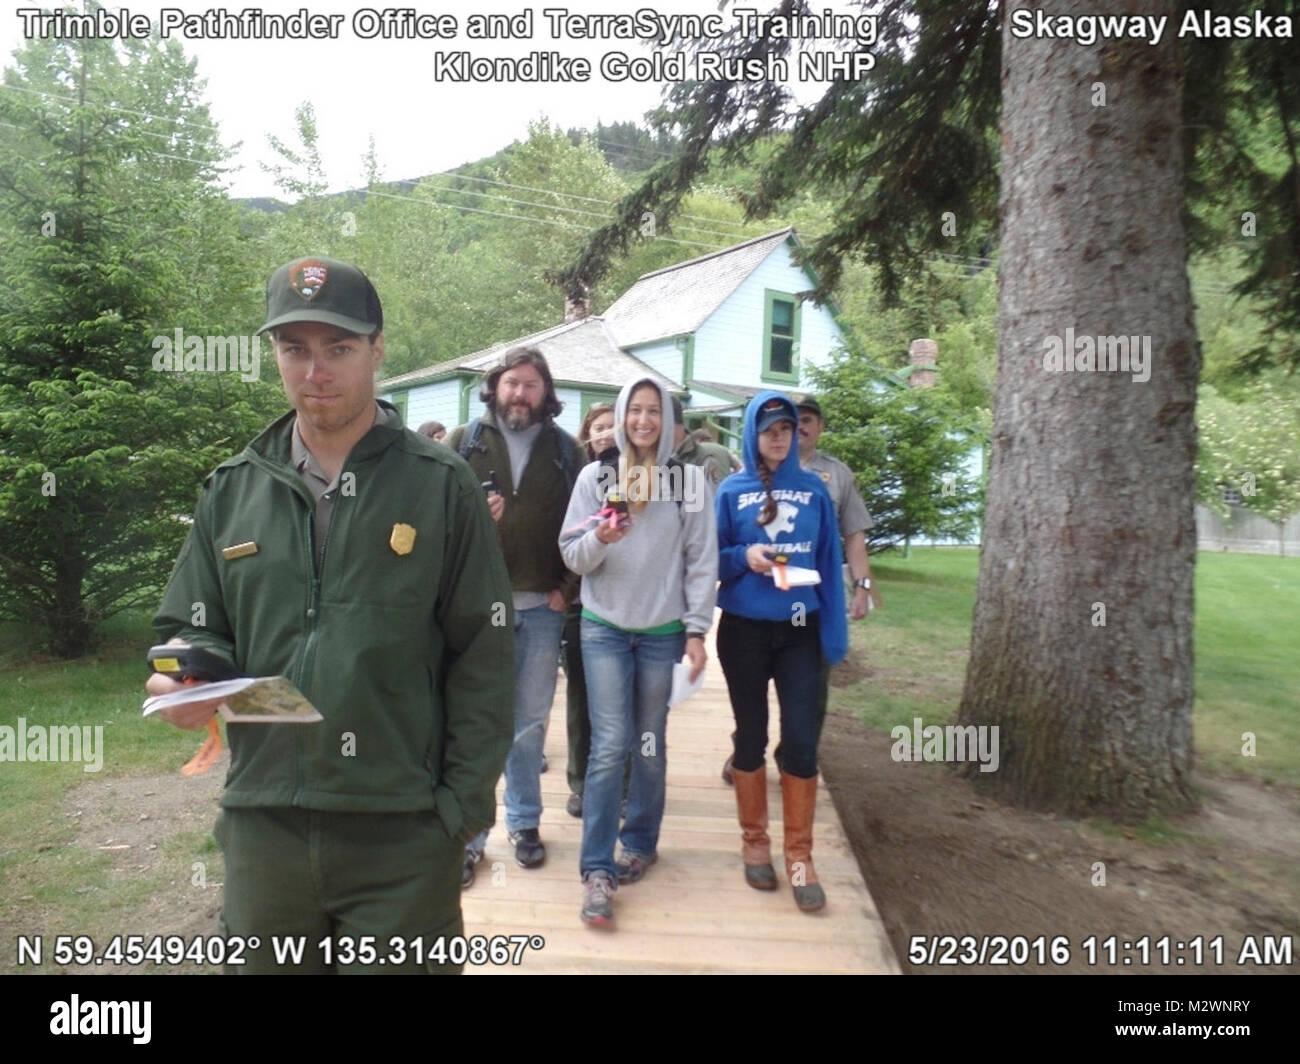 Surveyor Training Stock Photos & Surveyor Training Stock Images - Alamy